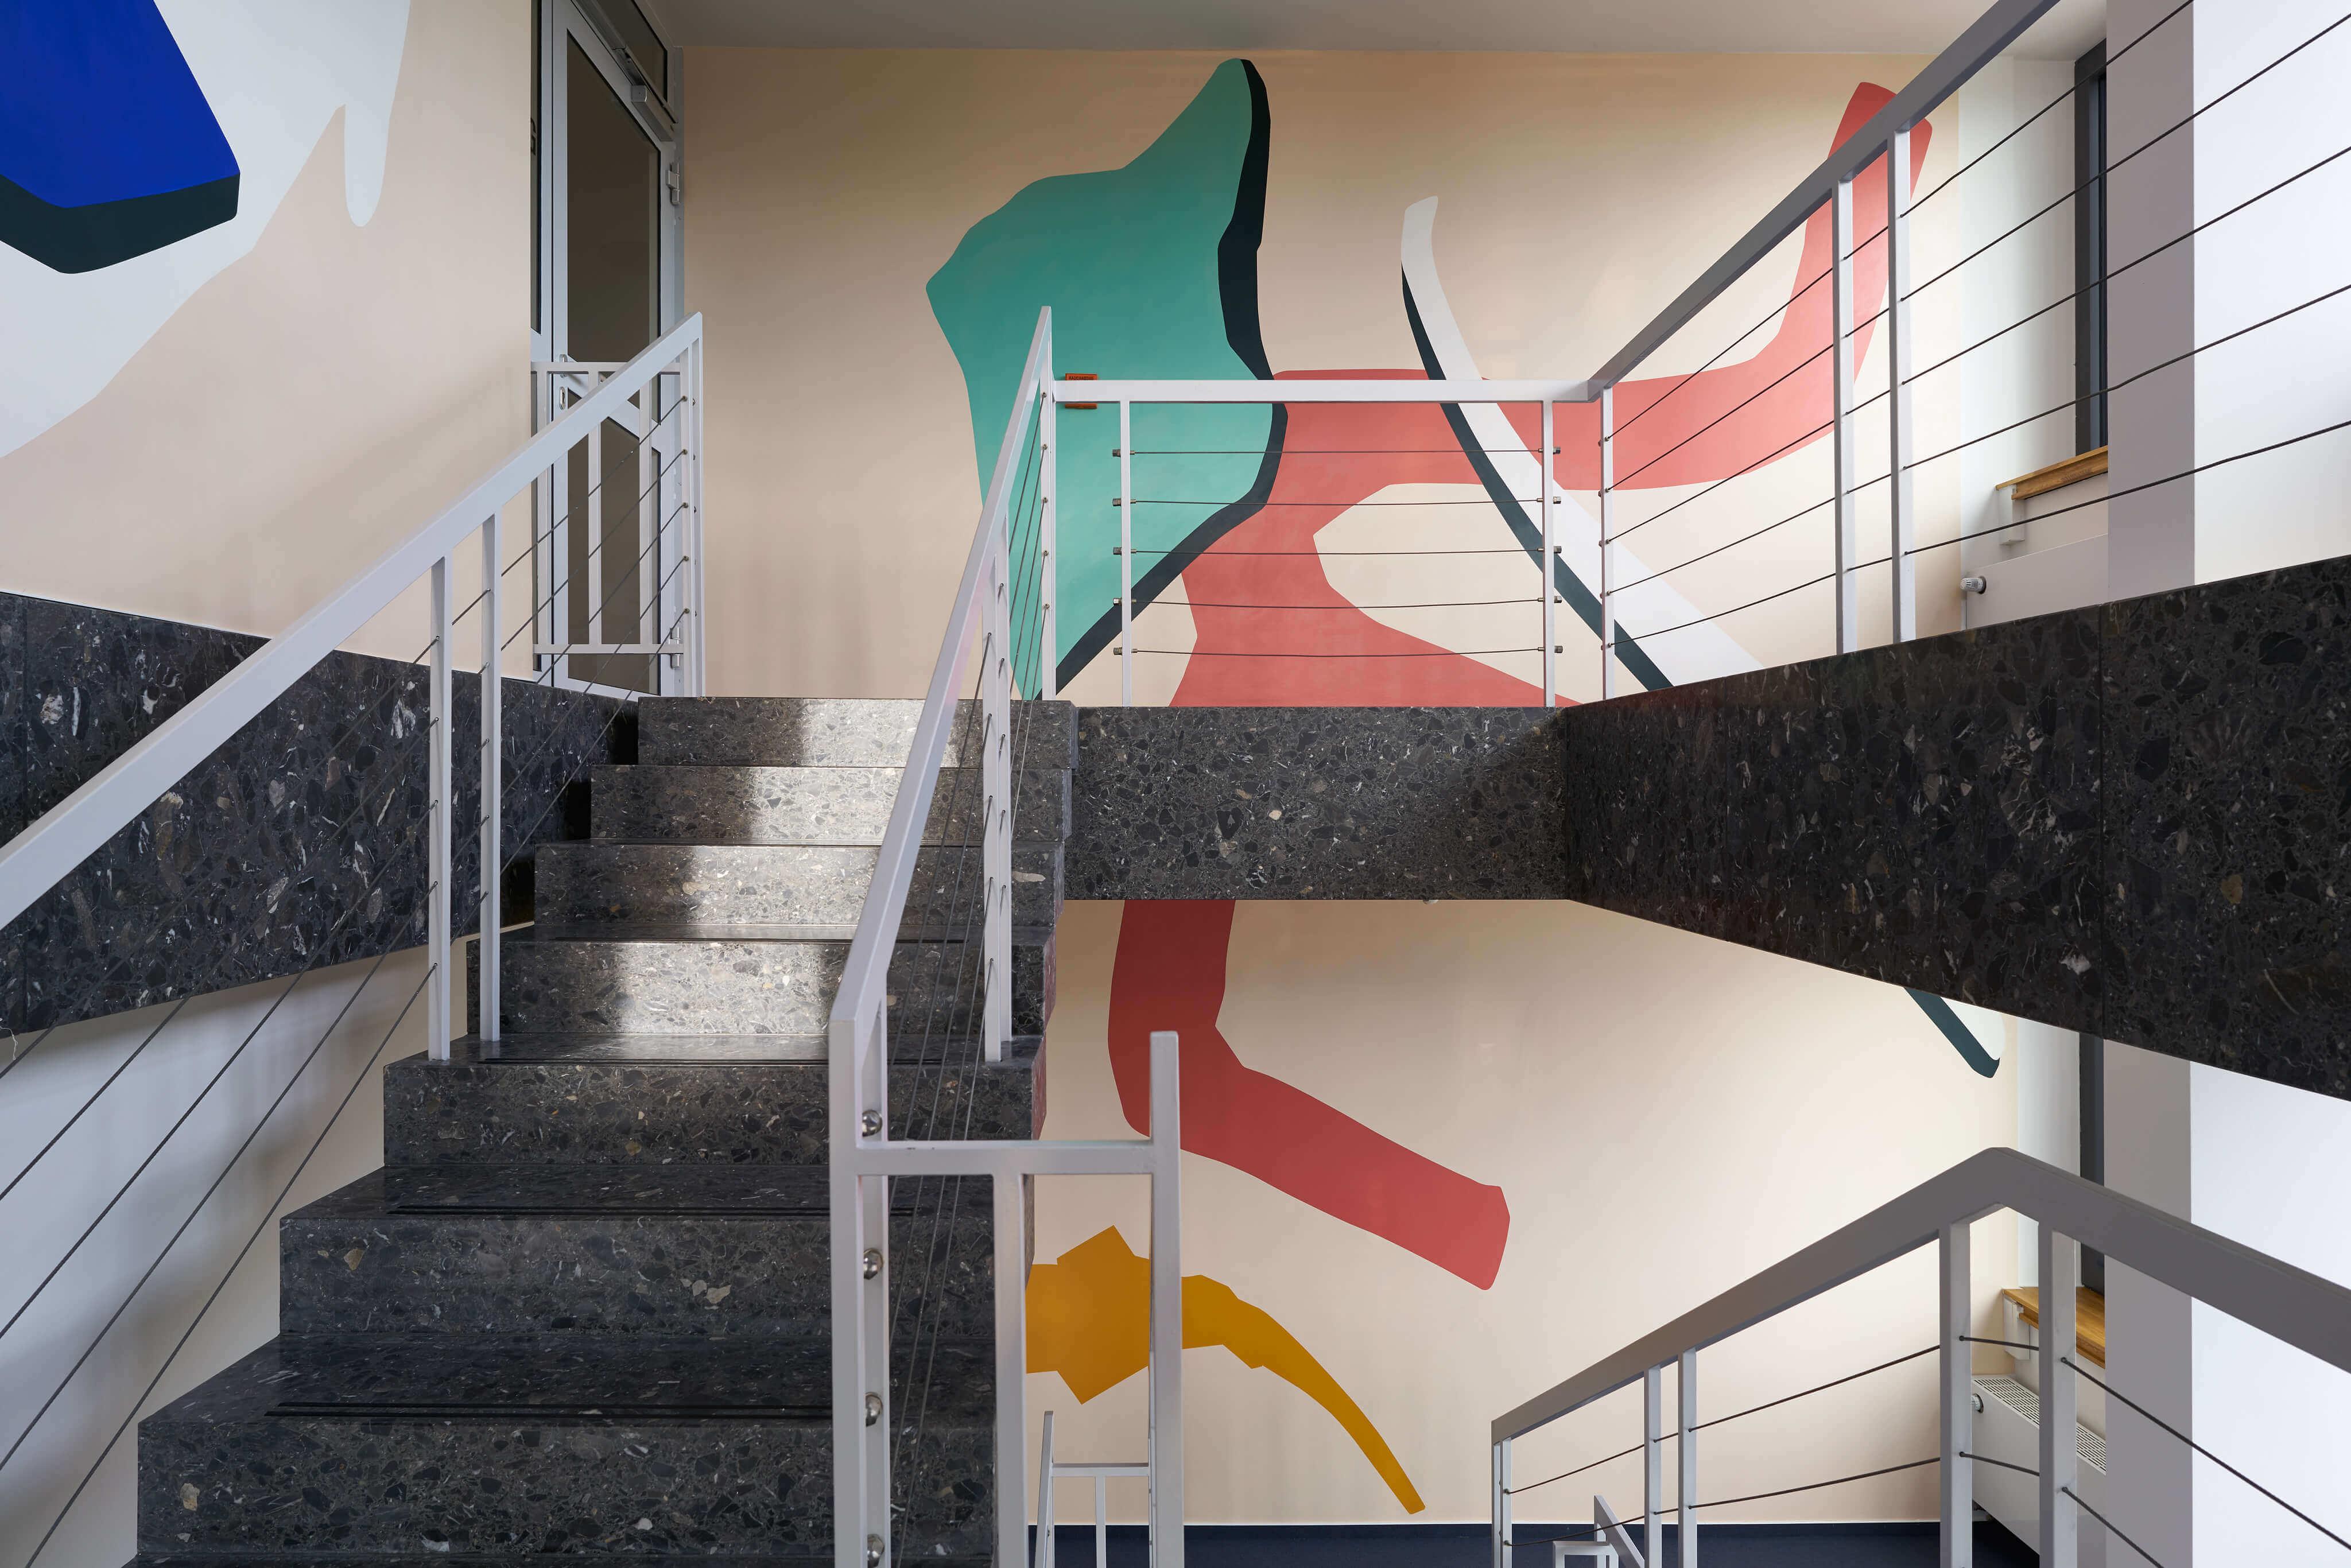 139_Frauke Dannert_Kunst am Bau_DFG